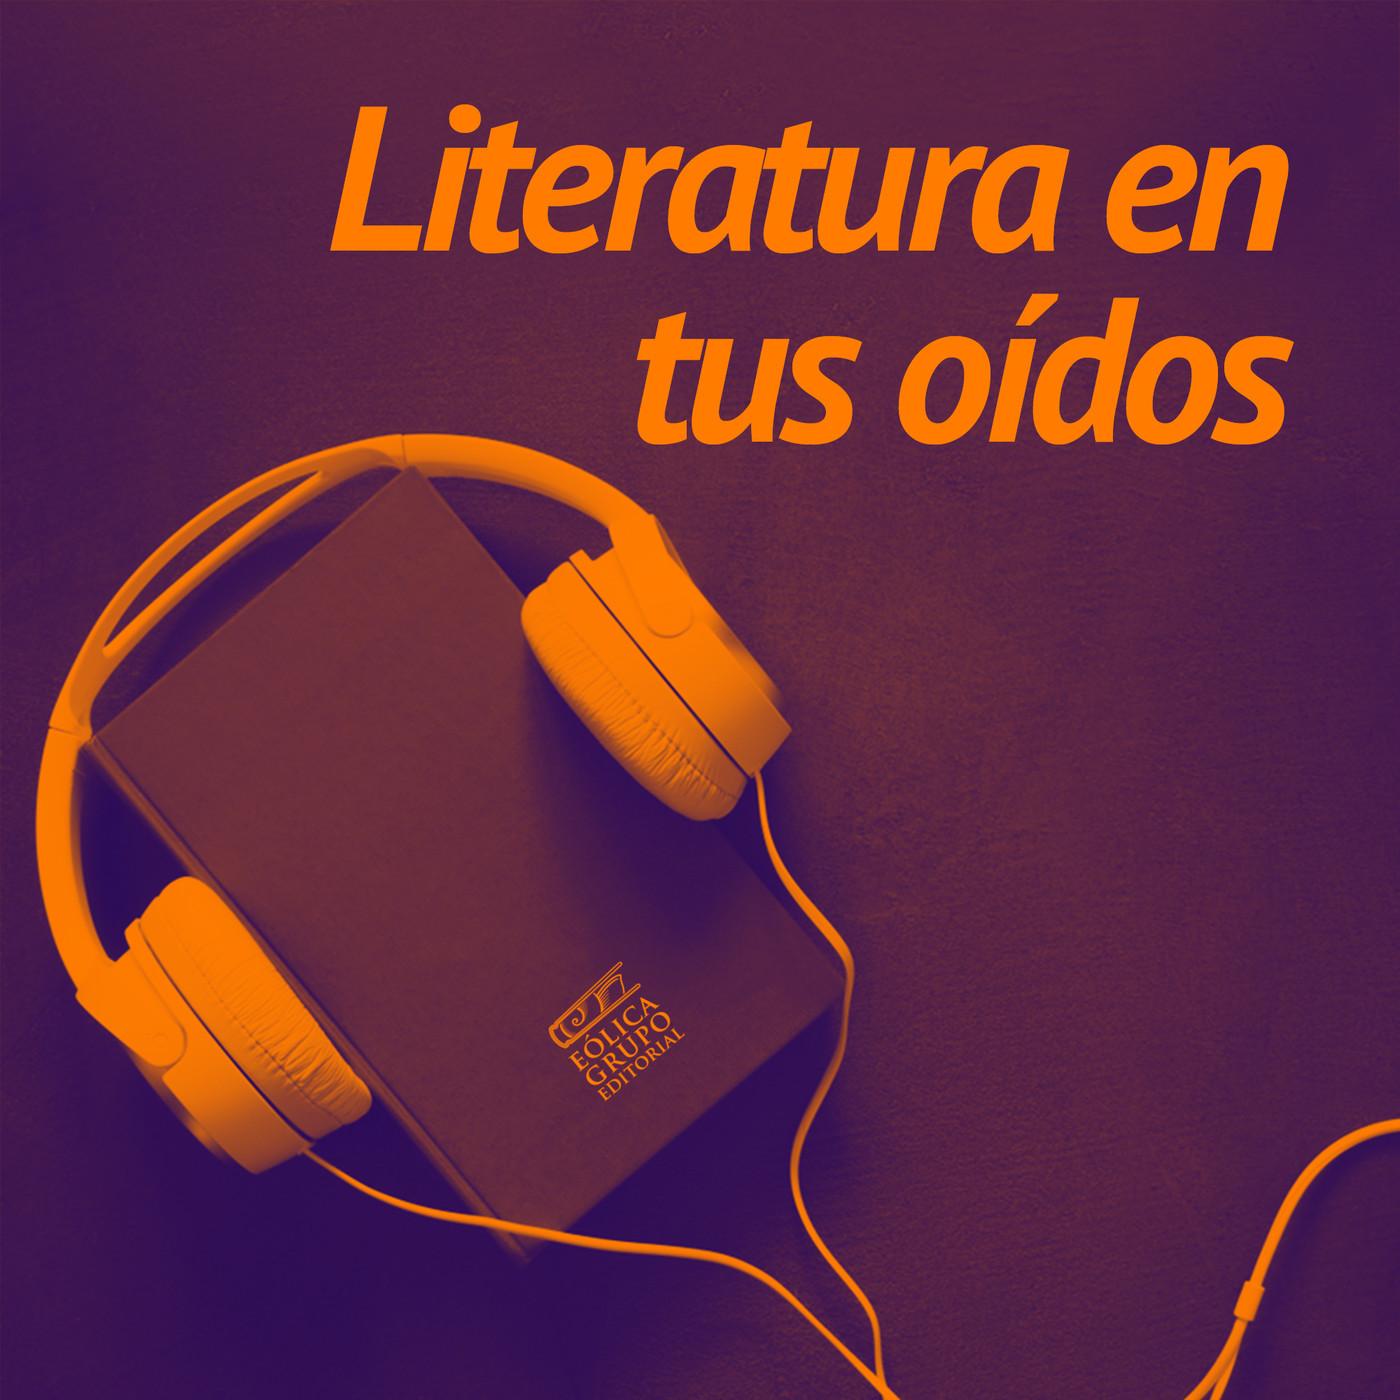 literatura en tus oidos.jpg